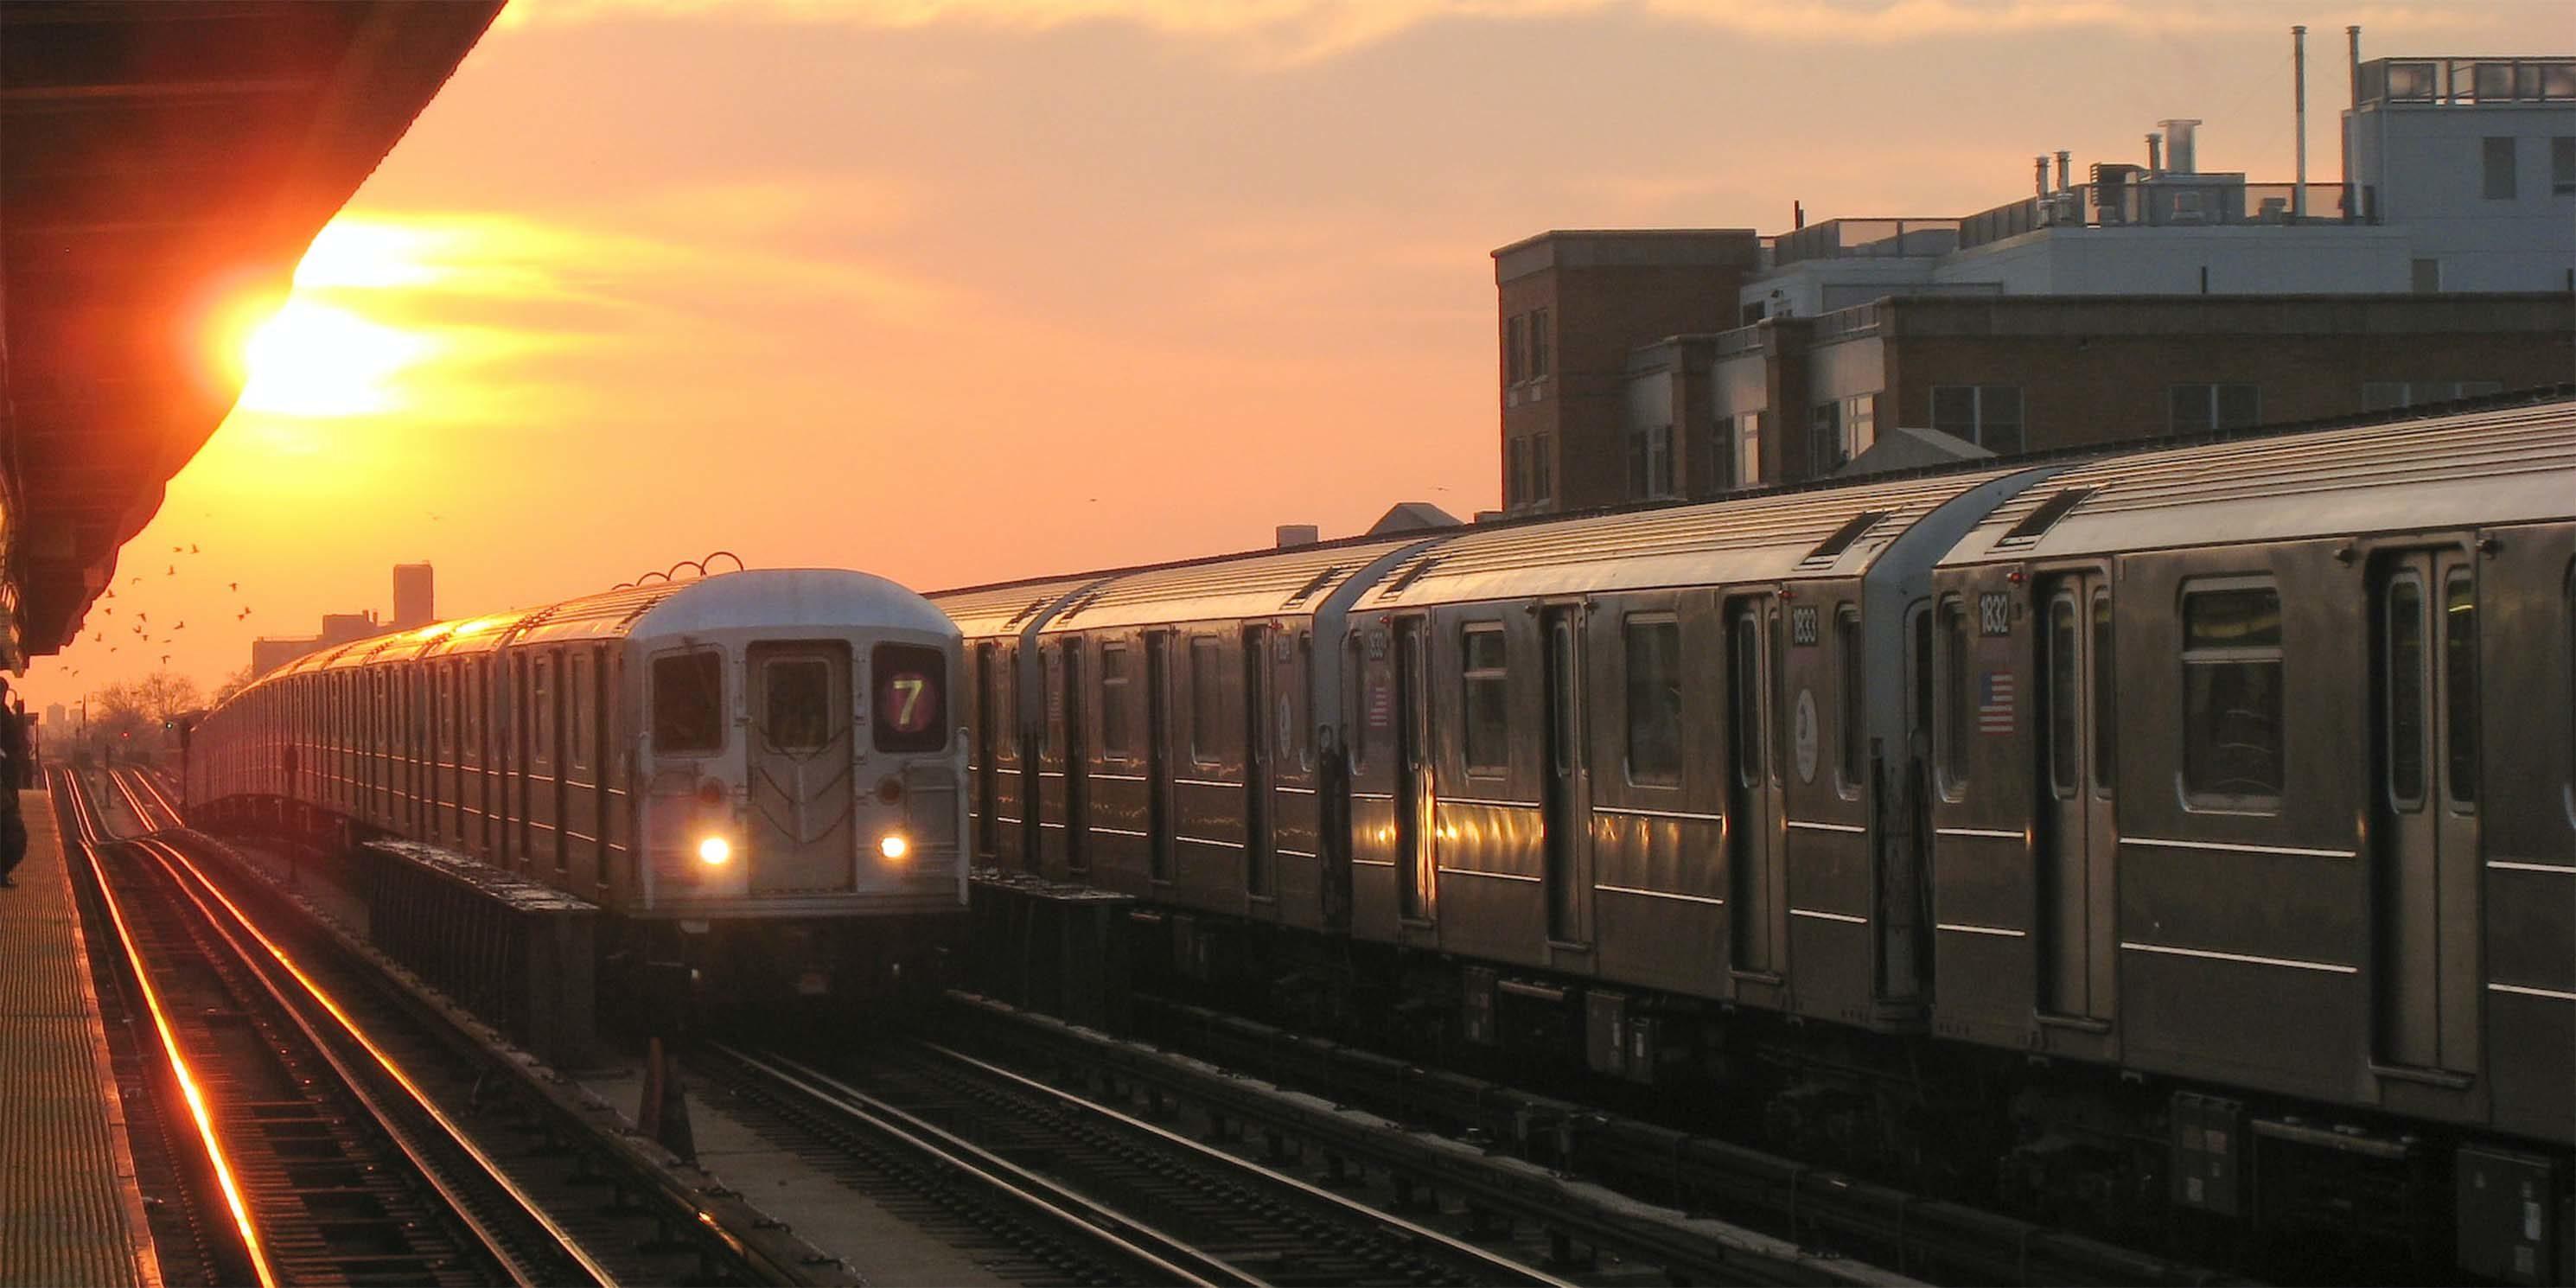 7 subway train in Sunnyside, Queens at sunrise